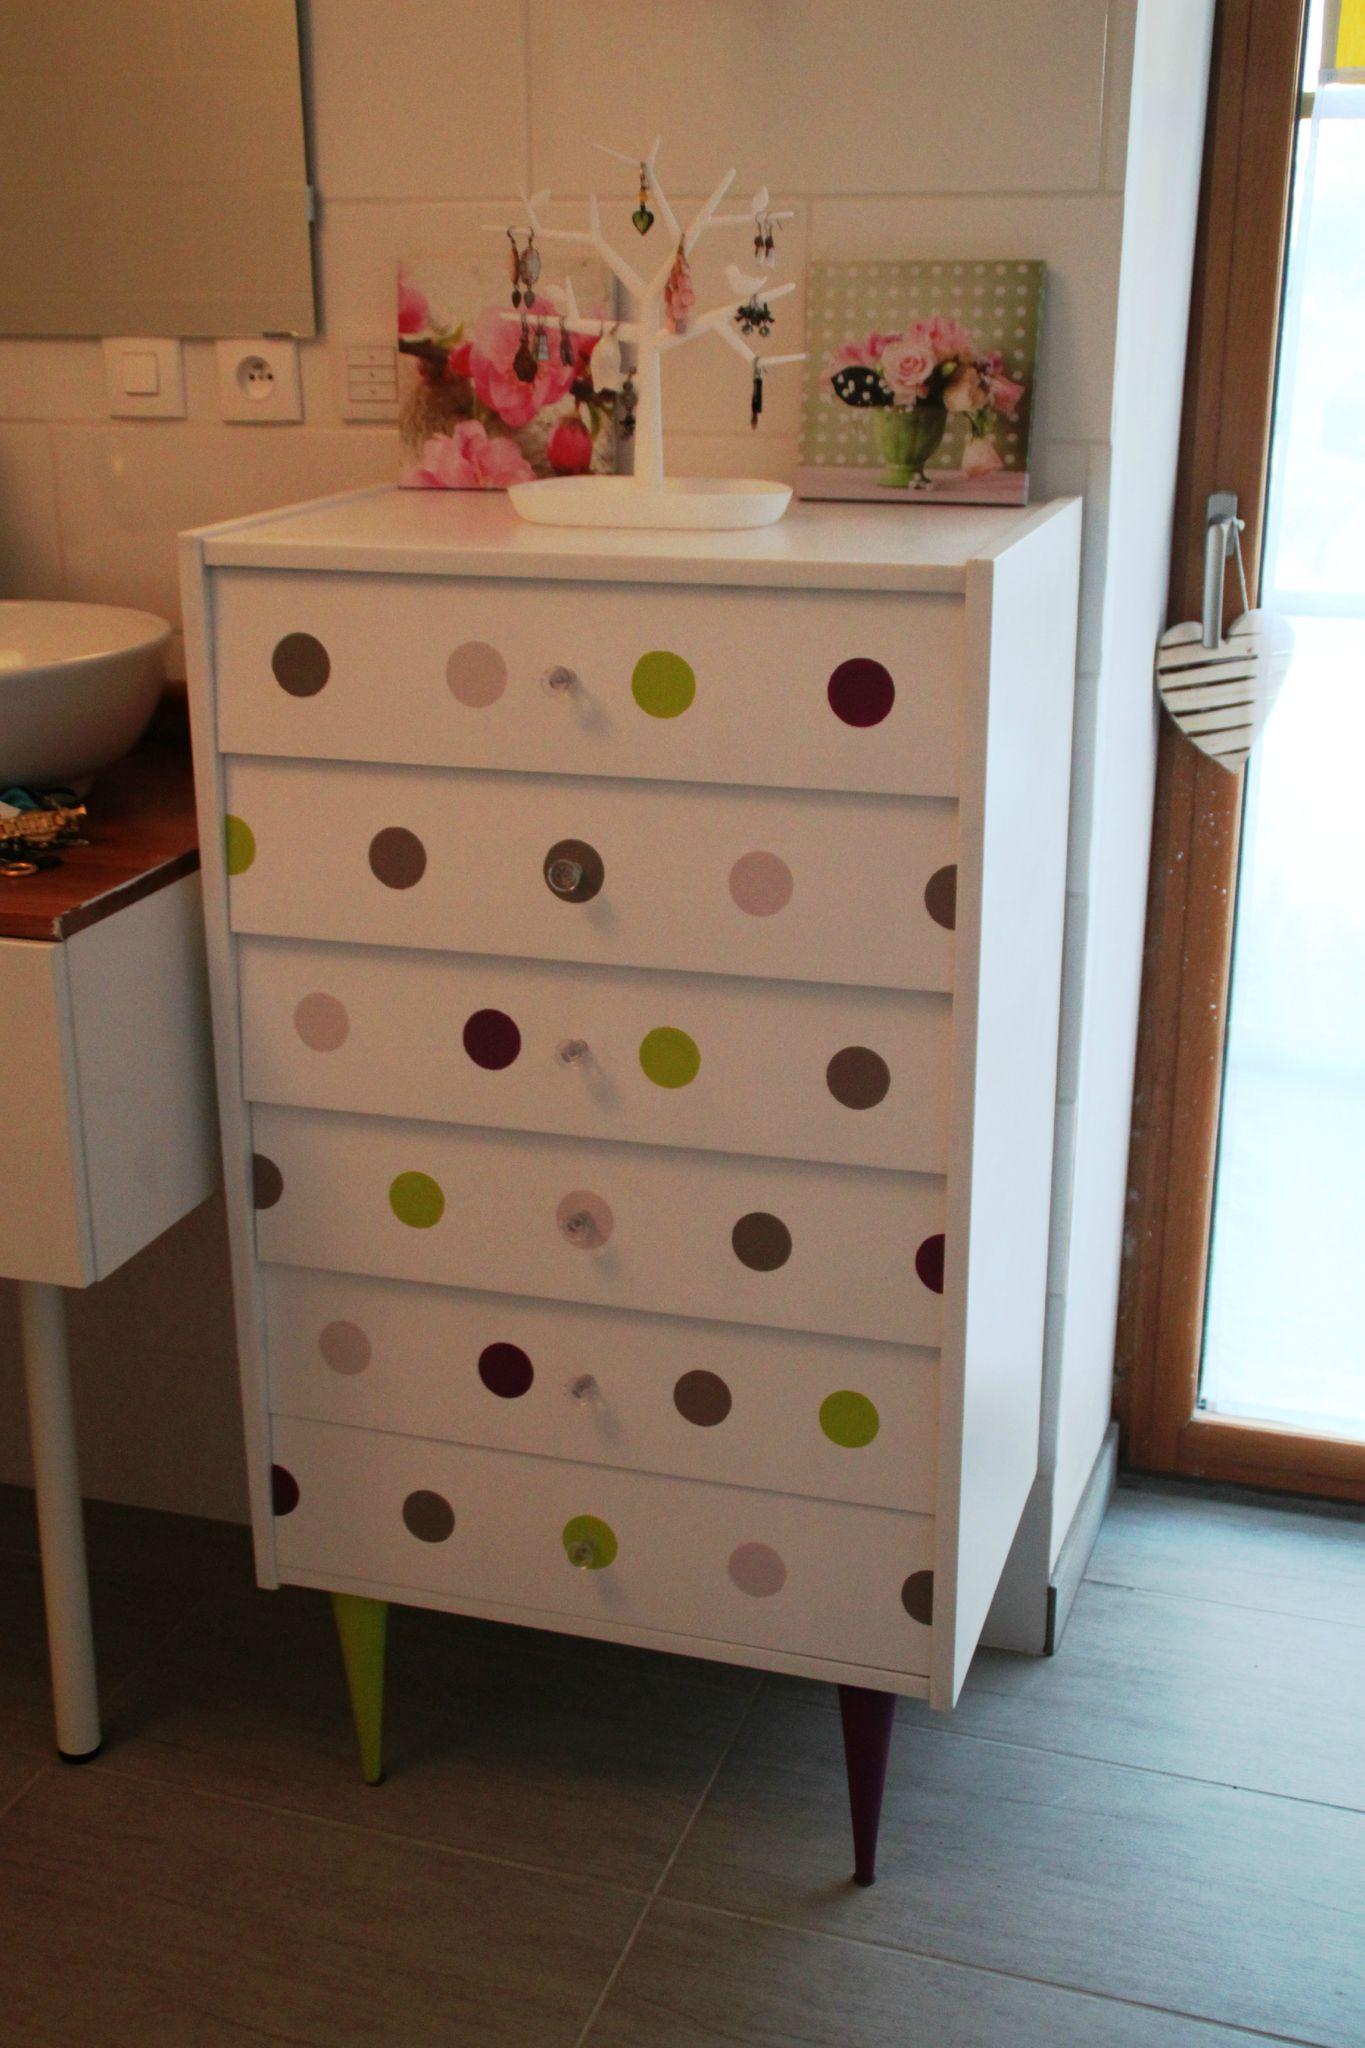 Diy Bouton De Meuble commode pastel dots - diy relooking mobilier - créer ma déco!